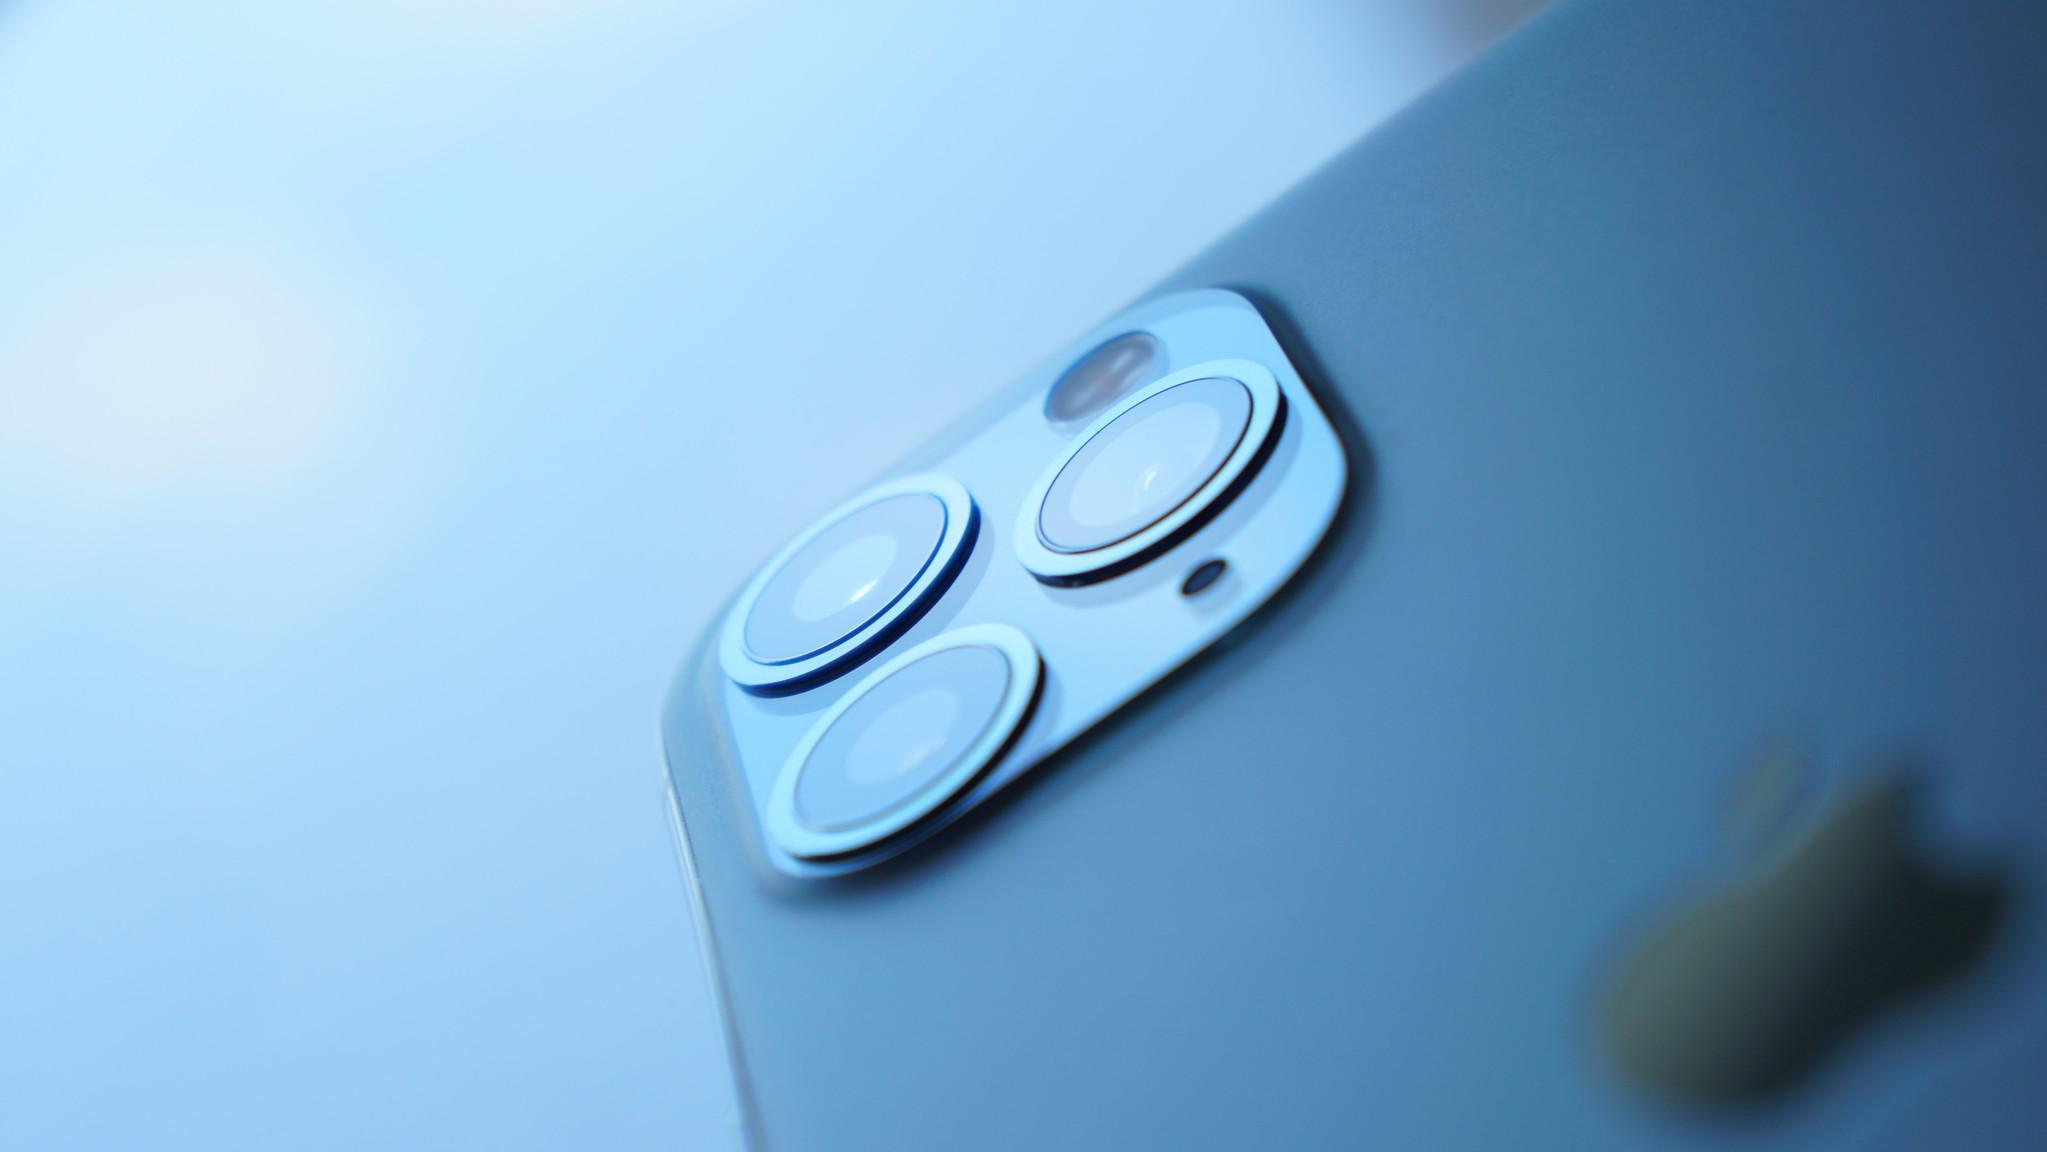 iPhone 12 Pro、クアッドカメラを搭載。今年はタピオカ4つ?